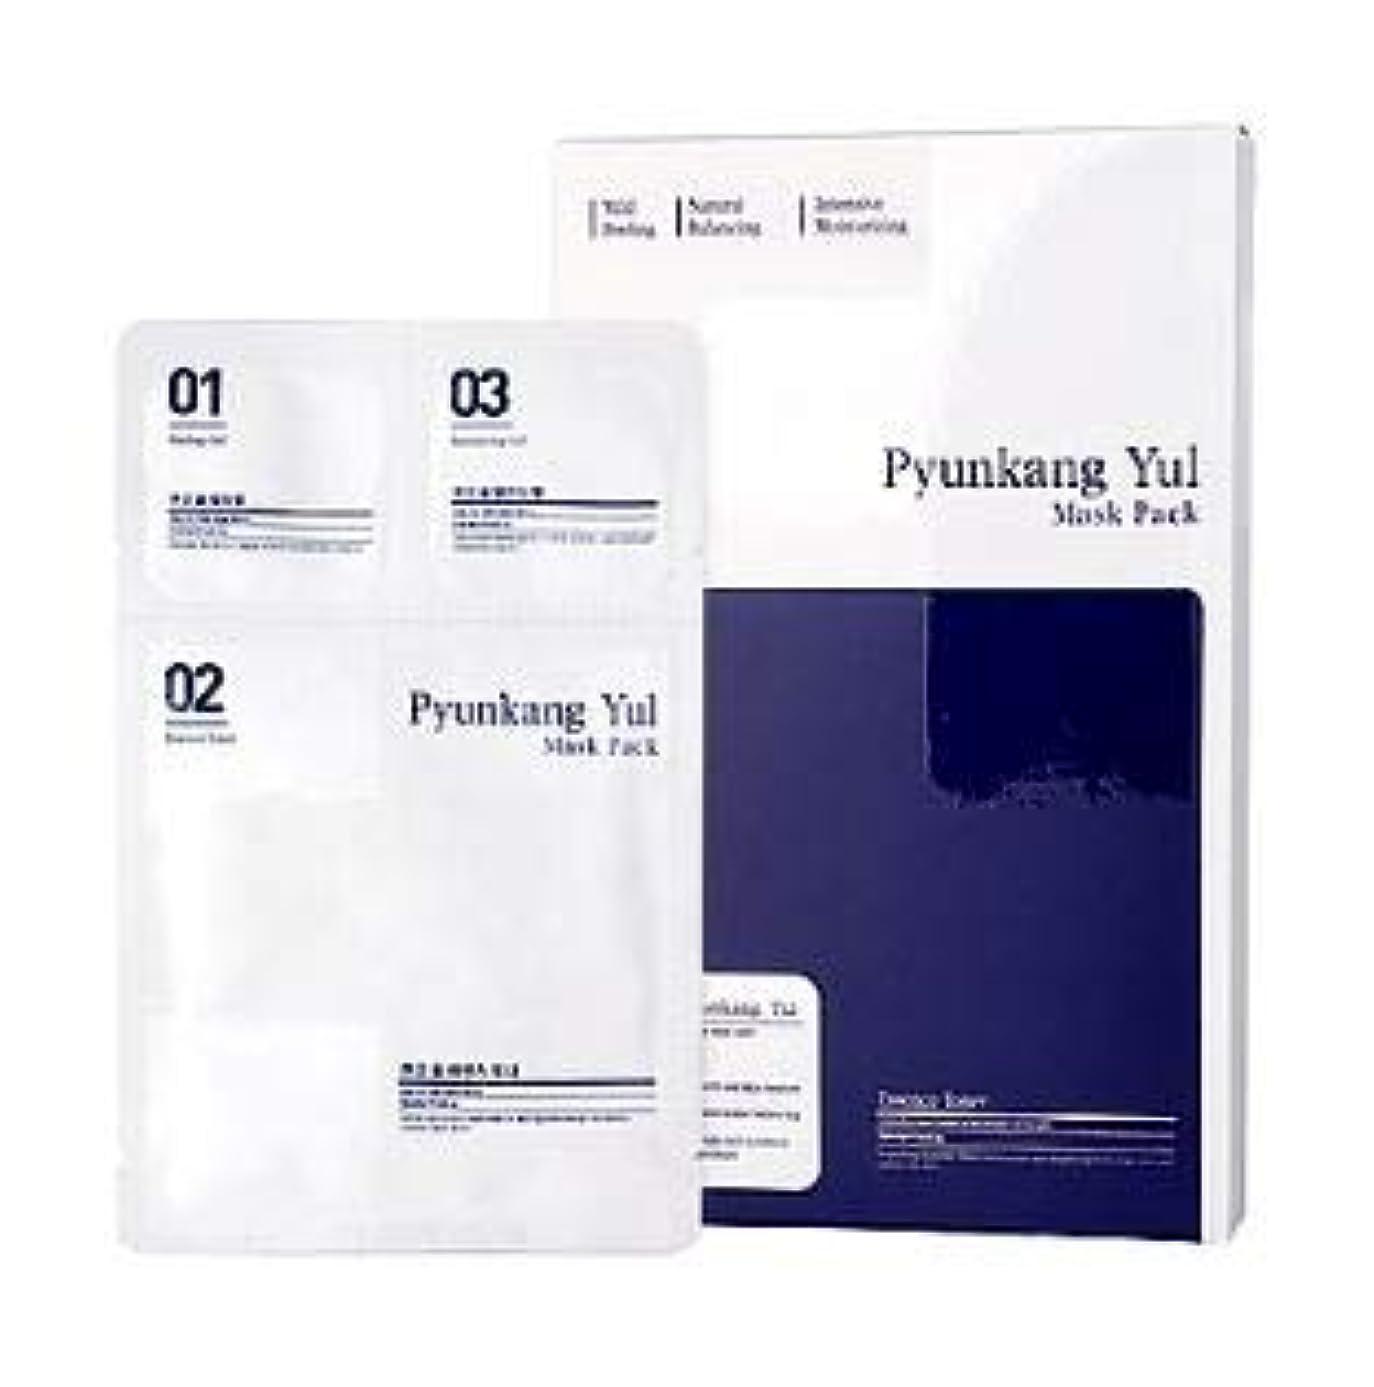 同情的任命エゴイズム[Pyunkang Yul] 3 Step Mask Pack (5ea) /[扁康率(PYUNKANG YUL)] 3 ステップ マスク パック (5枚) [並行輸入品]